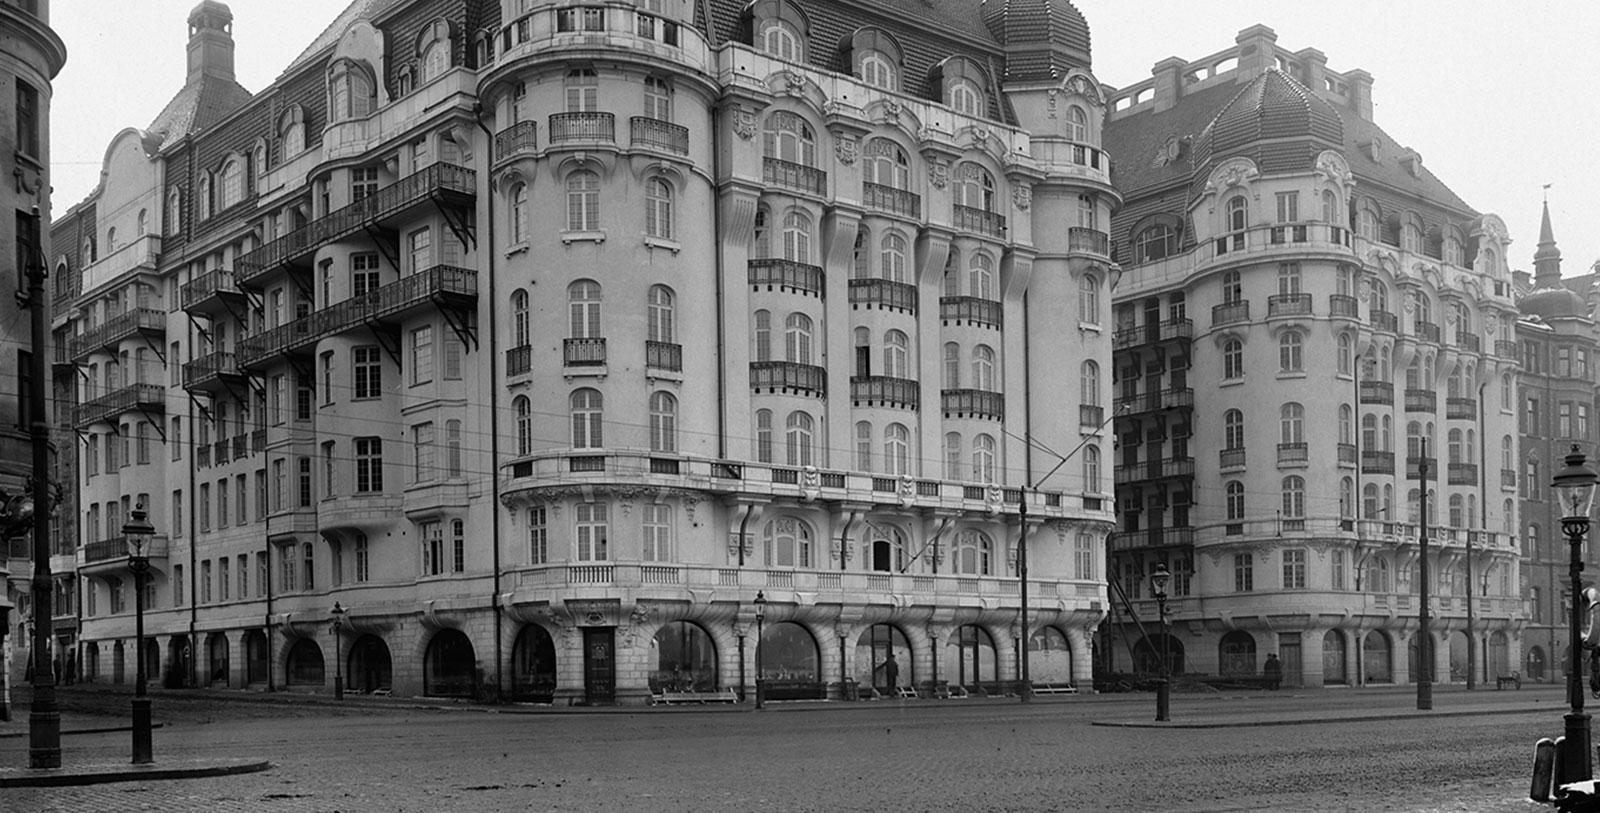 Historical Image of Exterior and Strandvägen, Hotel Diplomat, 1911, Member of Historic Hotels Worldwide, in Stockholm, Sweden.